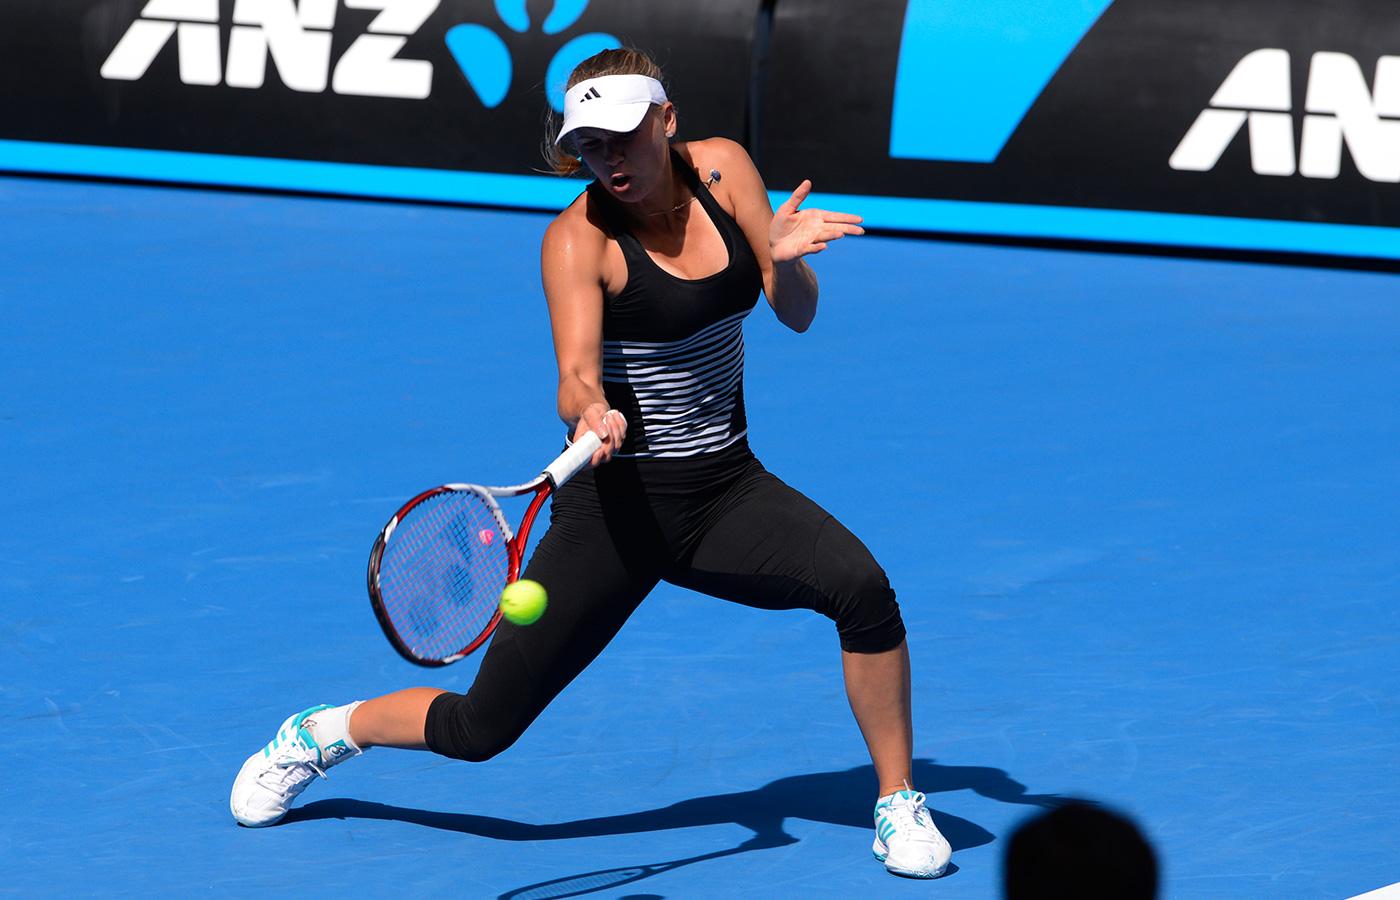 Joueuse tennis appuis en ligne